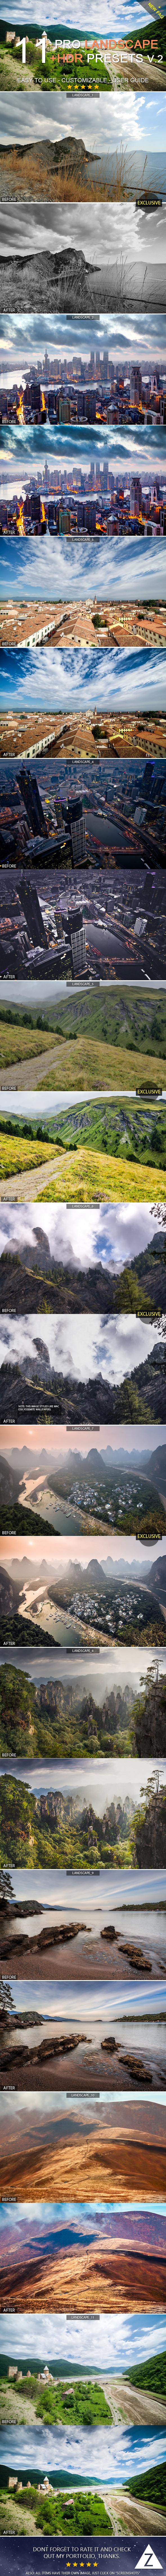 11 Pro Landscape+HDR Presets v.2 - Landscape Lightroom Presets